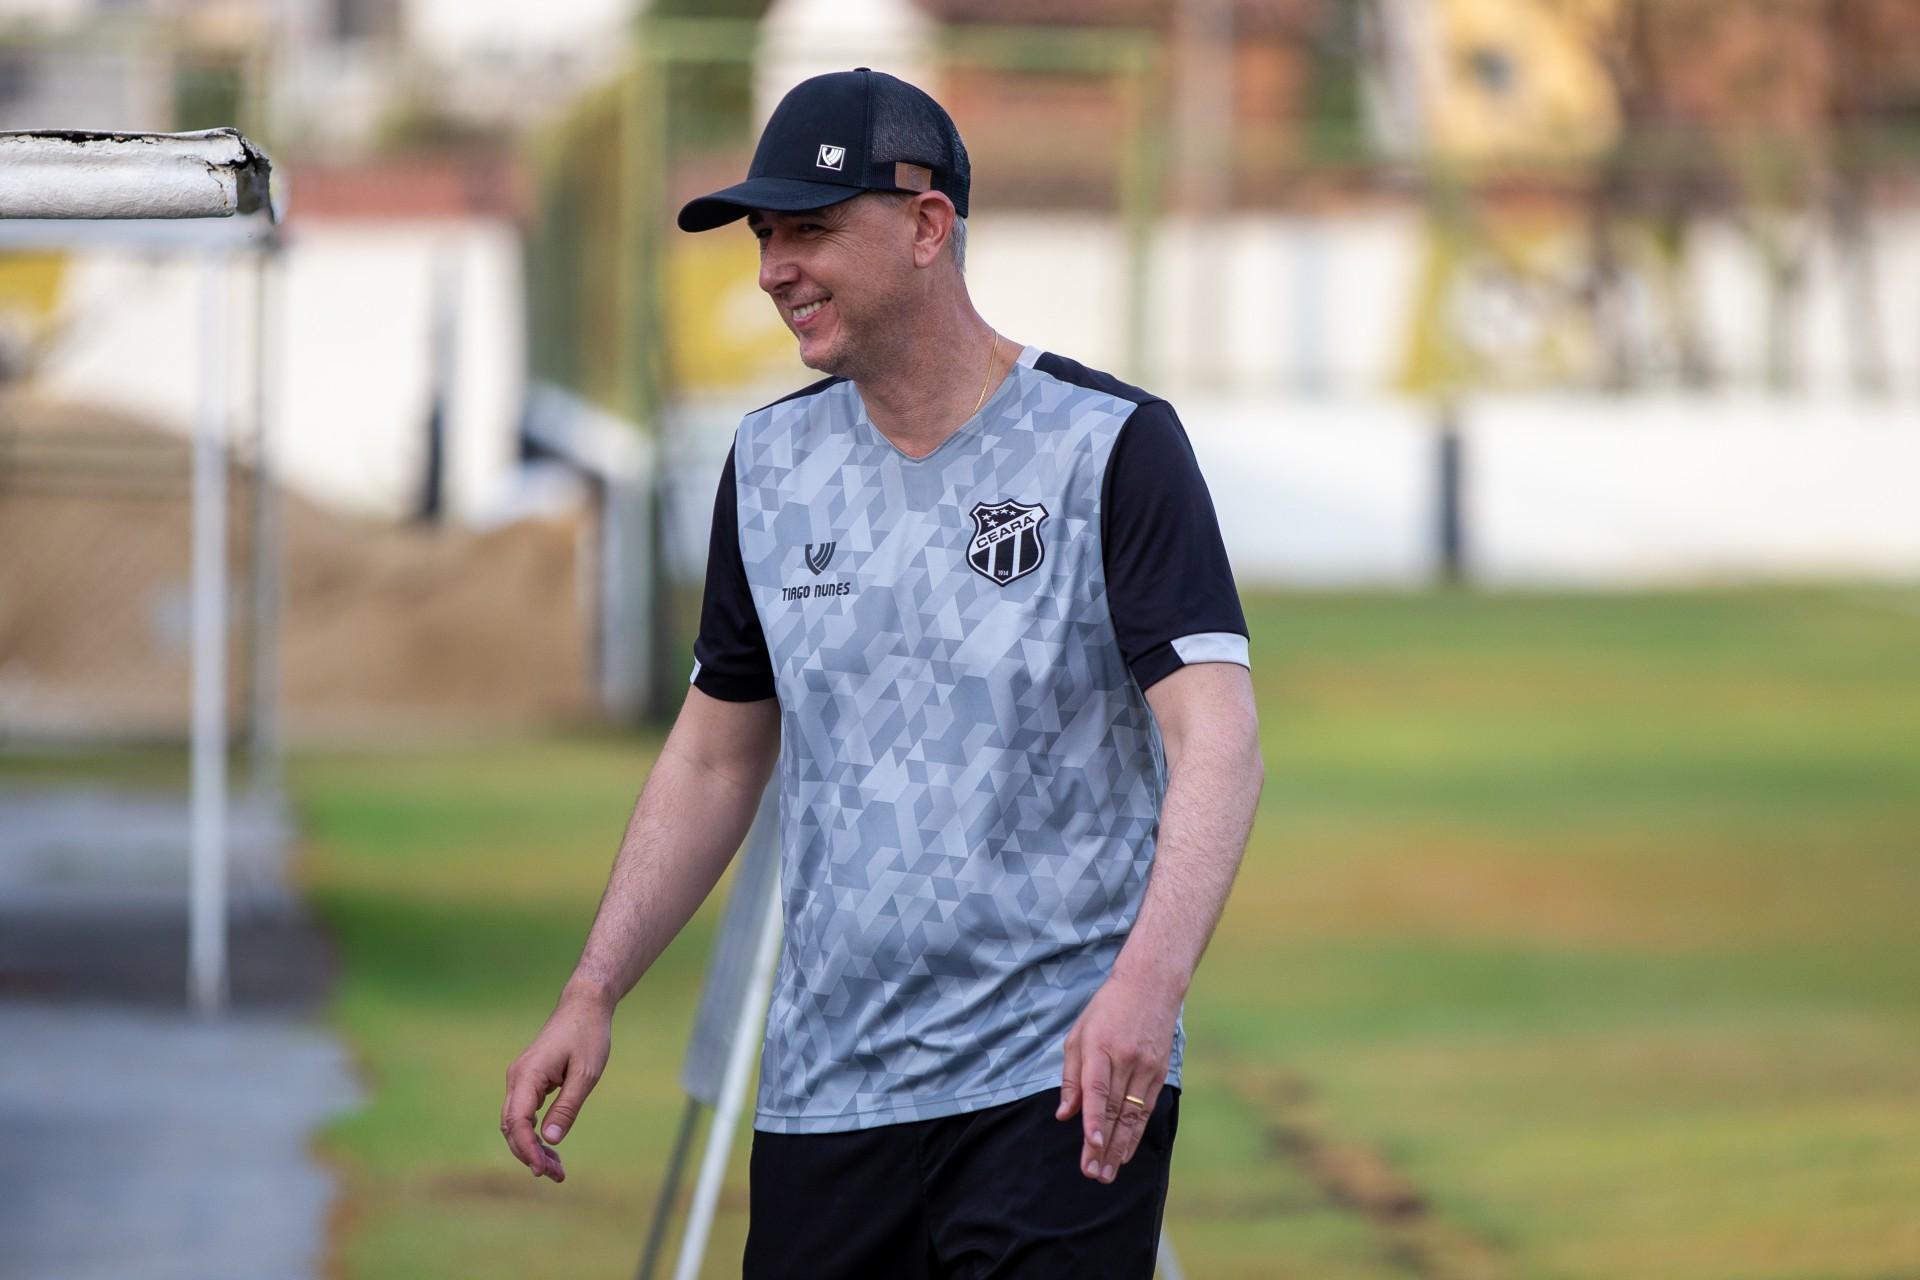 Técnico do Ceará, Tiago Nunes tem retrospecto positivo e títulos contra o Internacional